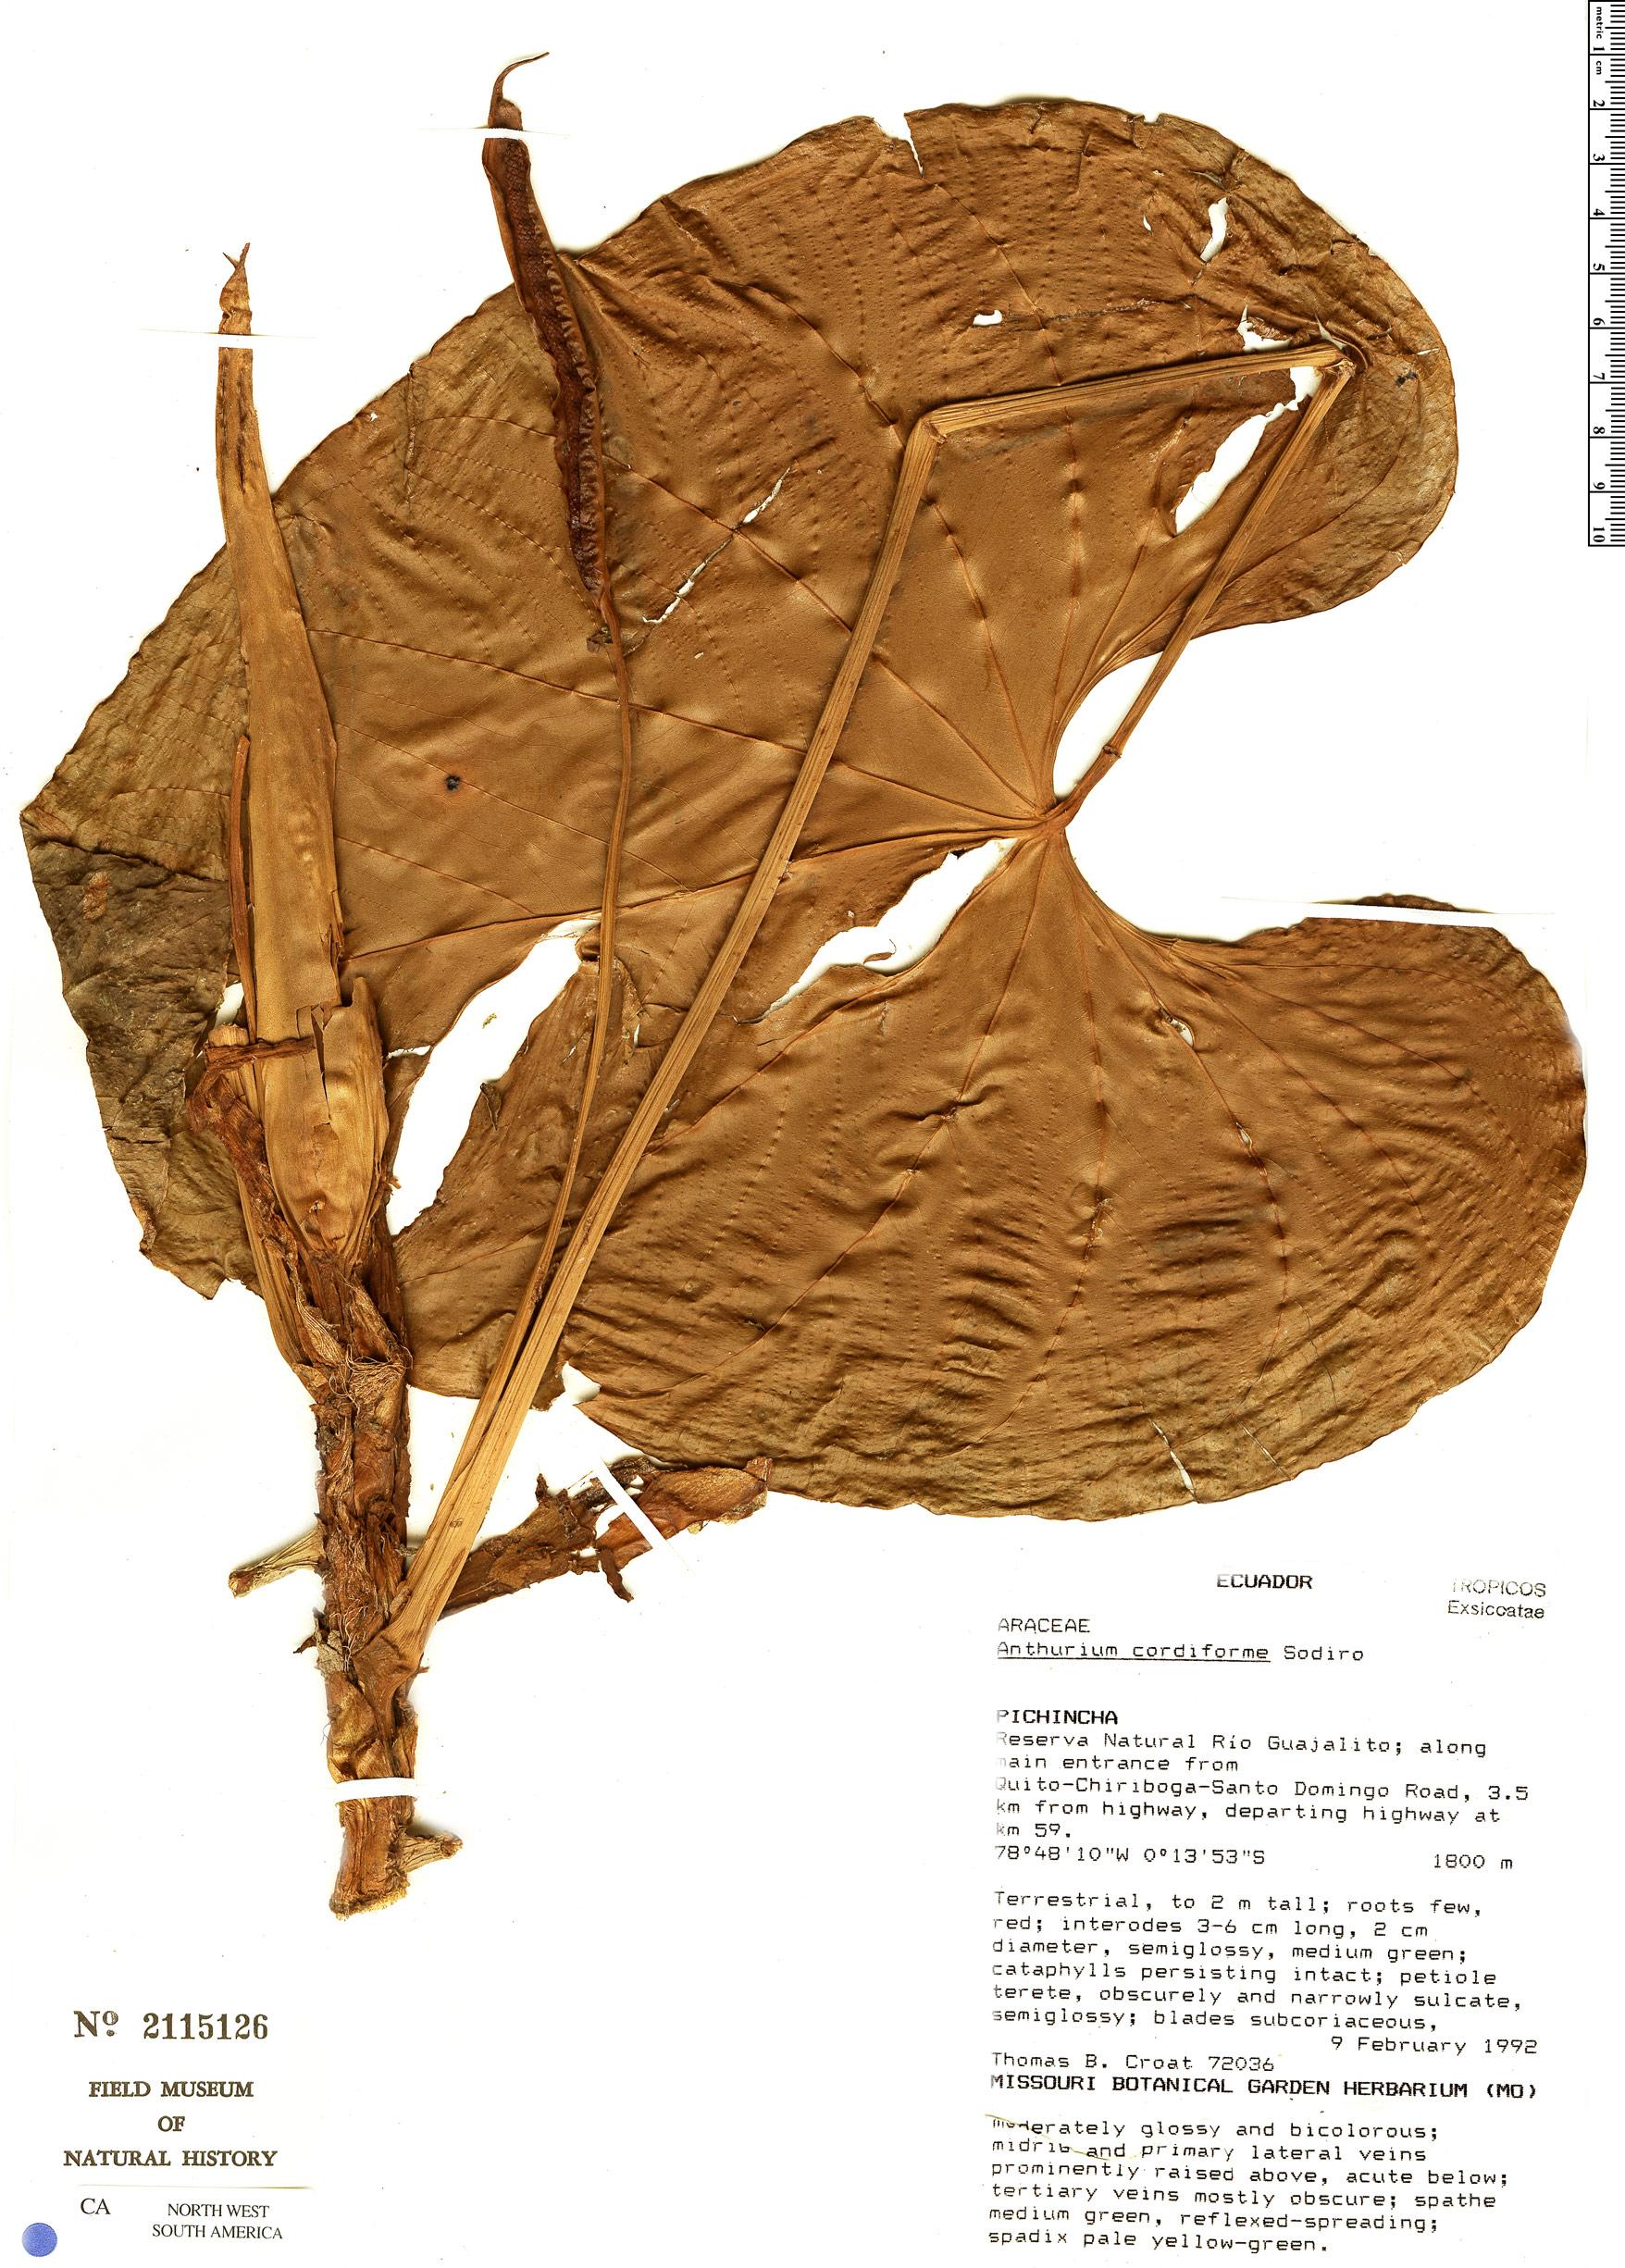 Specimen: Anthurium cordiforme